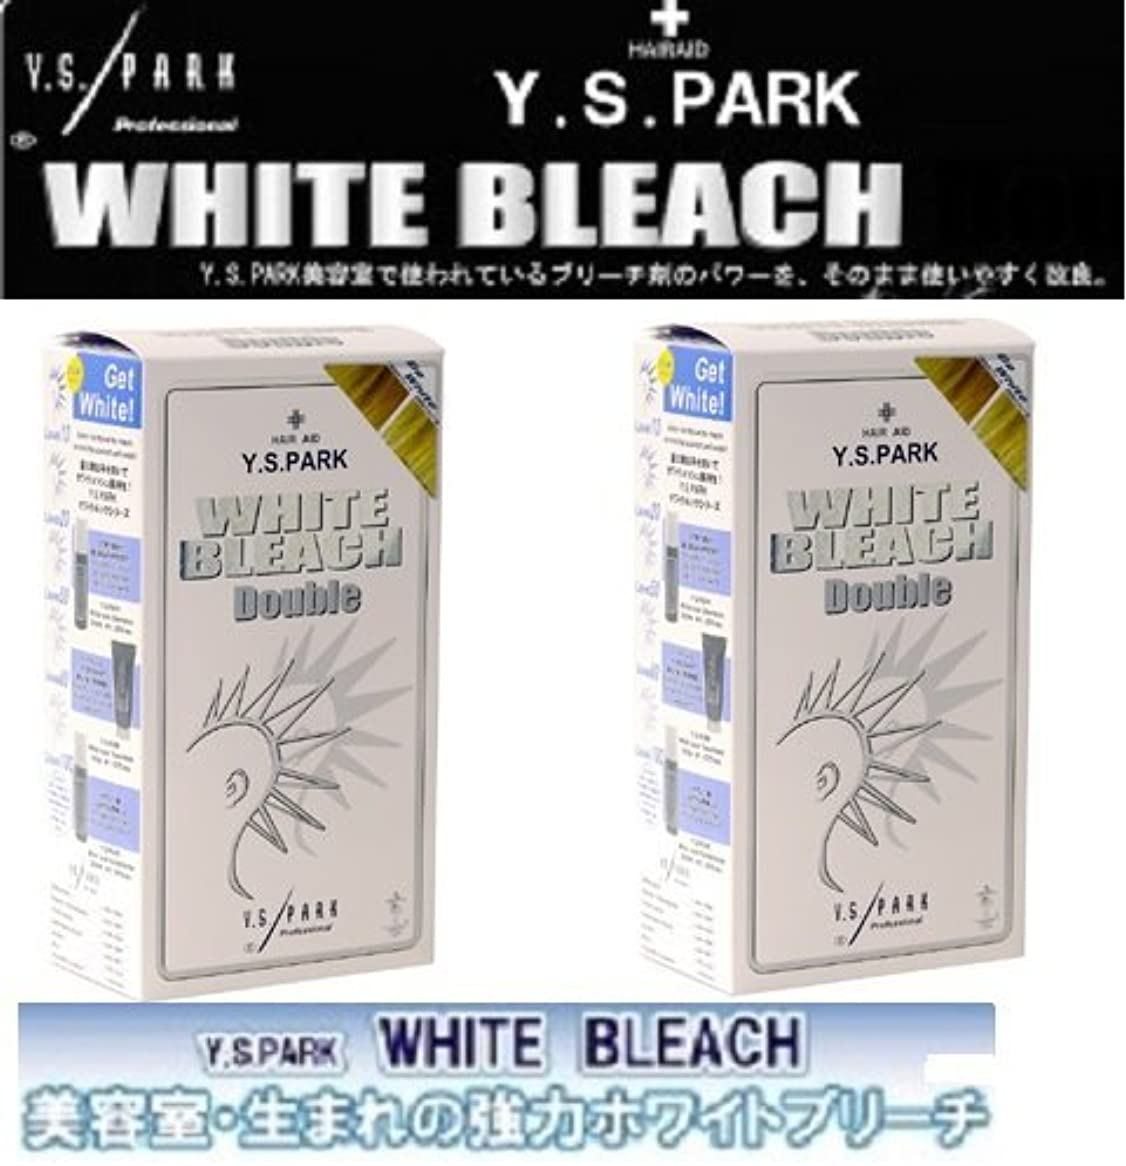 加入皮肉な耐えられるY.S.パーク ホワイトブリーチ ダブル60g(お得な2個組)美容室生まれの強力ホワイトブリーチ?強力ホワイトブリーチに大容量サイズが登場!